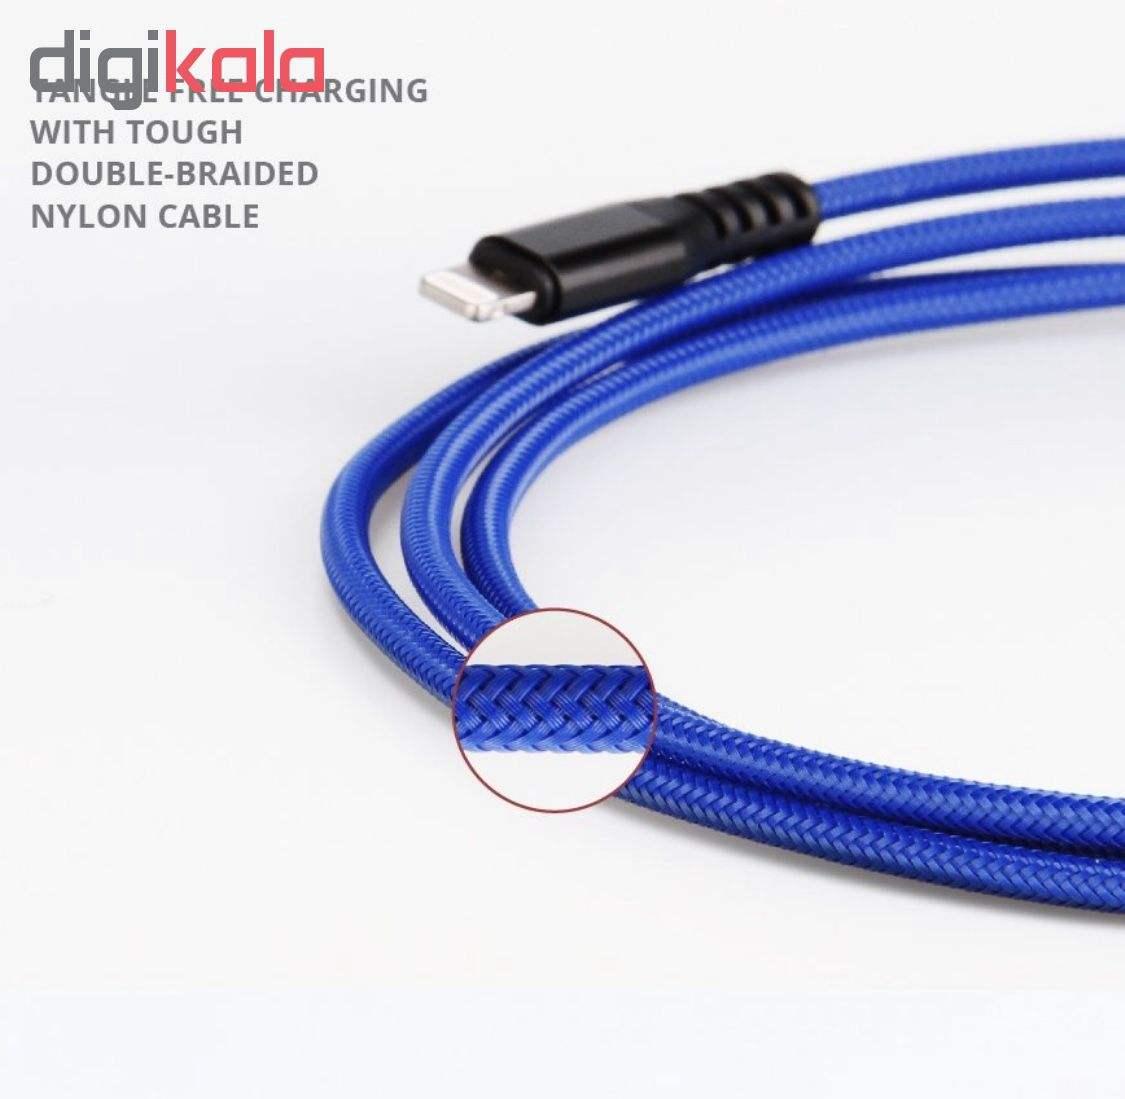 کابل تبدیل USB به لایتنینگ آیماس مدل Atough طول 1.8 متر thumb 12